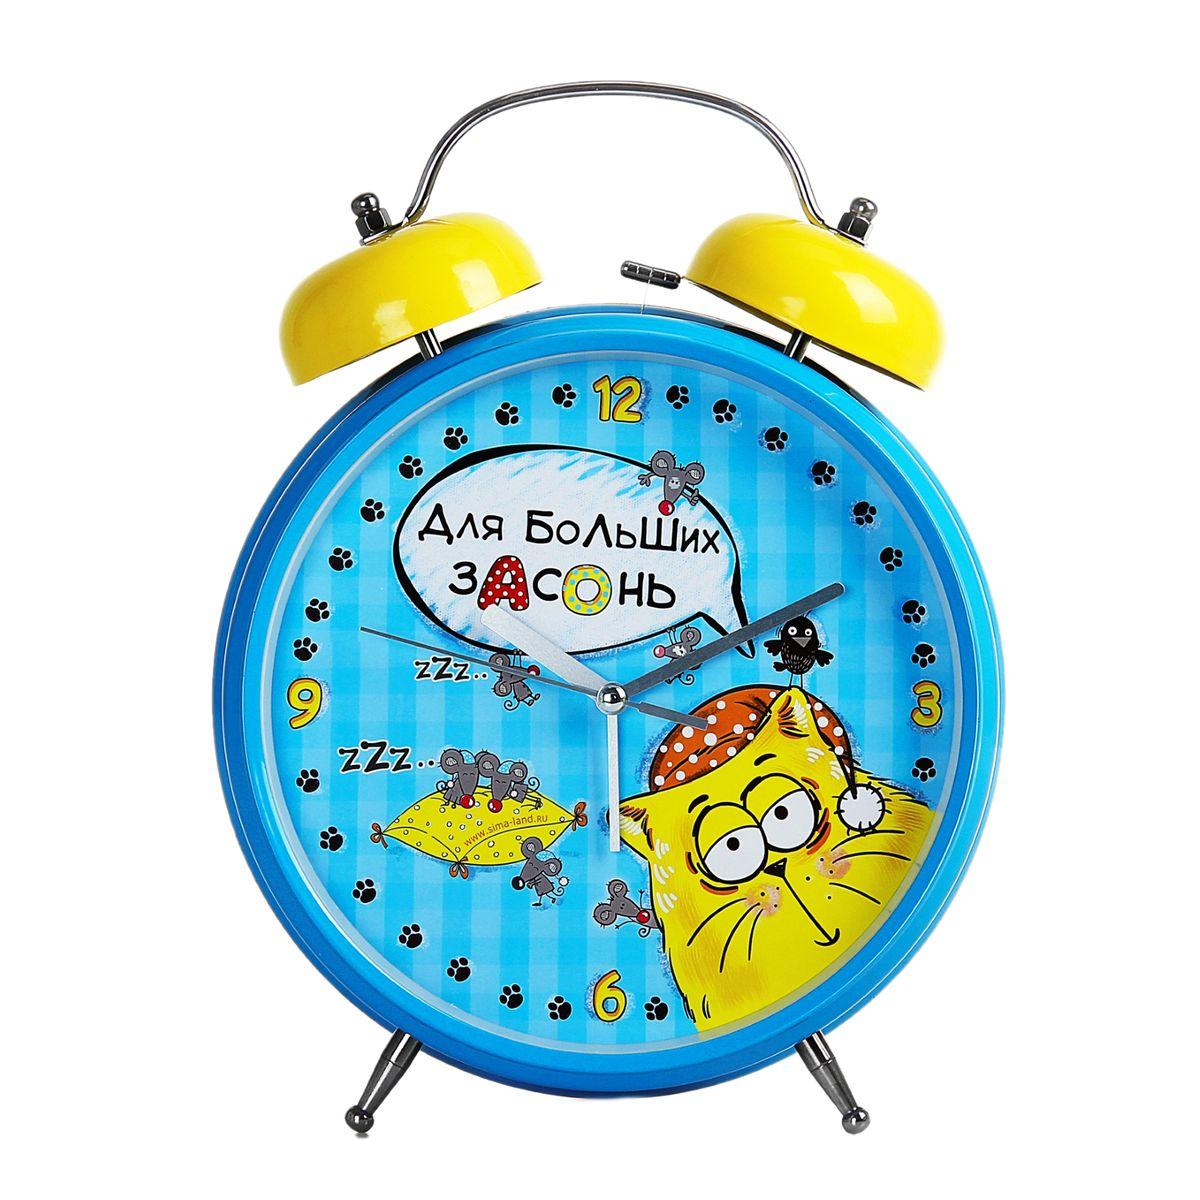 Часы-будильник Sima-land Для больших засонь150670Как же сложно иногда вставать вовремя! Всегда так хочется поспать еще хотя бы 5 минут и бывает, что мы просыпаем. Теперь этого не случится! Яркий, оригинальный будильник Sima-land Для больших засонь поможет вам всегда вставать в нужное время и успевать везде и всюду. Будильник украсит вашу комнату и приведет в восхищение друзей. Время показывает точно и будит в установленный час. Будильник невероятных размеров создан специально для тех, кого ранним утром не берут ни огонь, ни вода, ни медные трубы! Это гигант среди будильников. Его звук соответствует размеру - громкий и звонкий и не оставляет никому шансов проспать. На задней панели будильника расположены переключатель включения/выключения механизма, а также два колесика для настройки текущего времени и времени звонка будильника. Также будильник оснащен кнопкой, при нажатии и удержании которой, подсвечивается циферблат. Будильник работает от 2 батареек типа AA напряжением 1,5V (не...